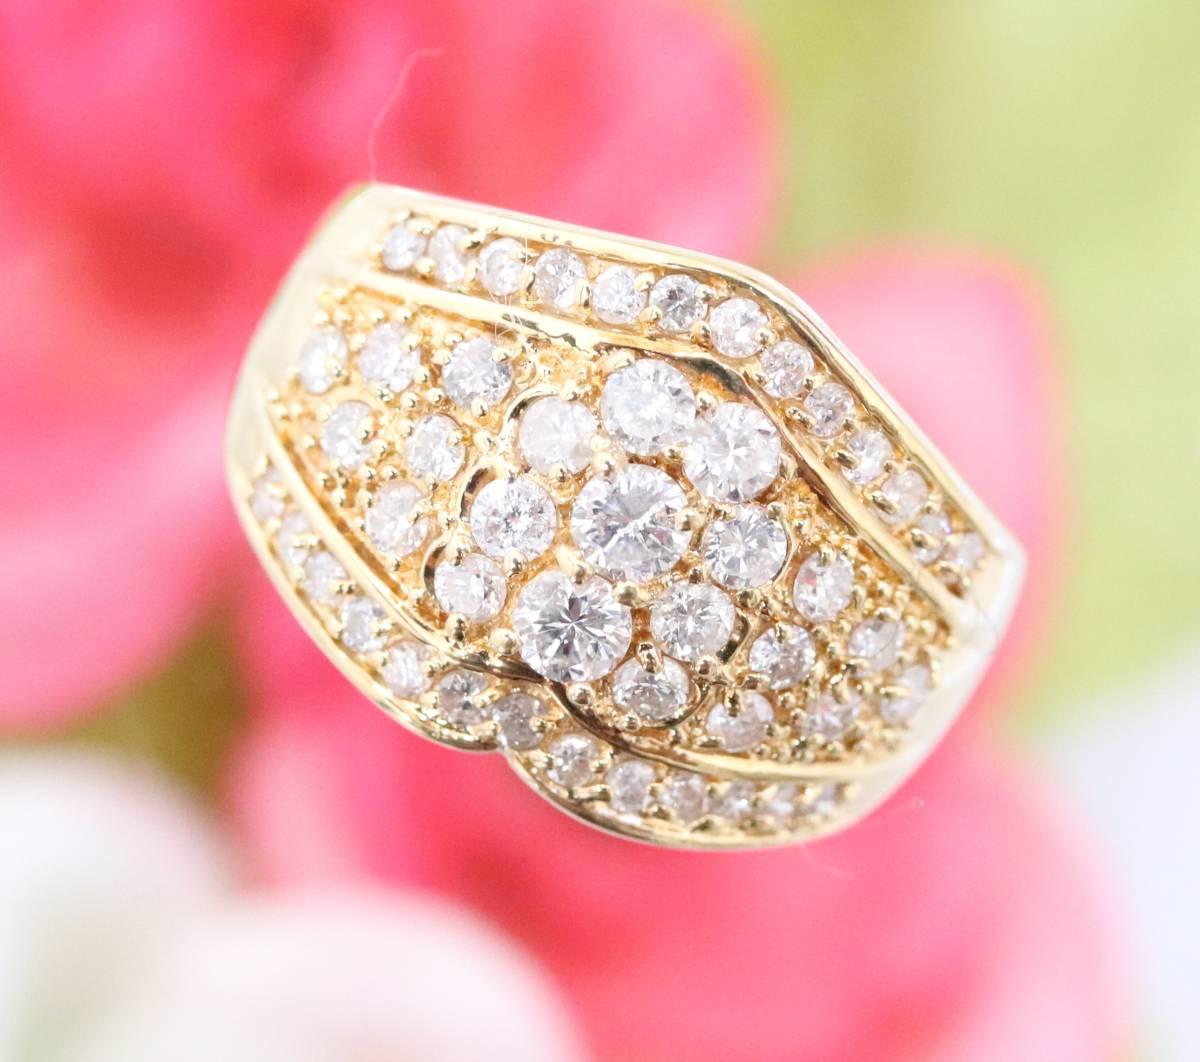 【1円スタート】 ♪★豪華な輝き★天然ダイヤモンド1.03ct K18リング♪ Jewel de Coco_画像8